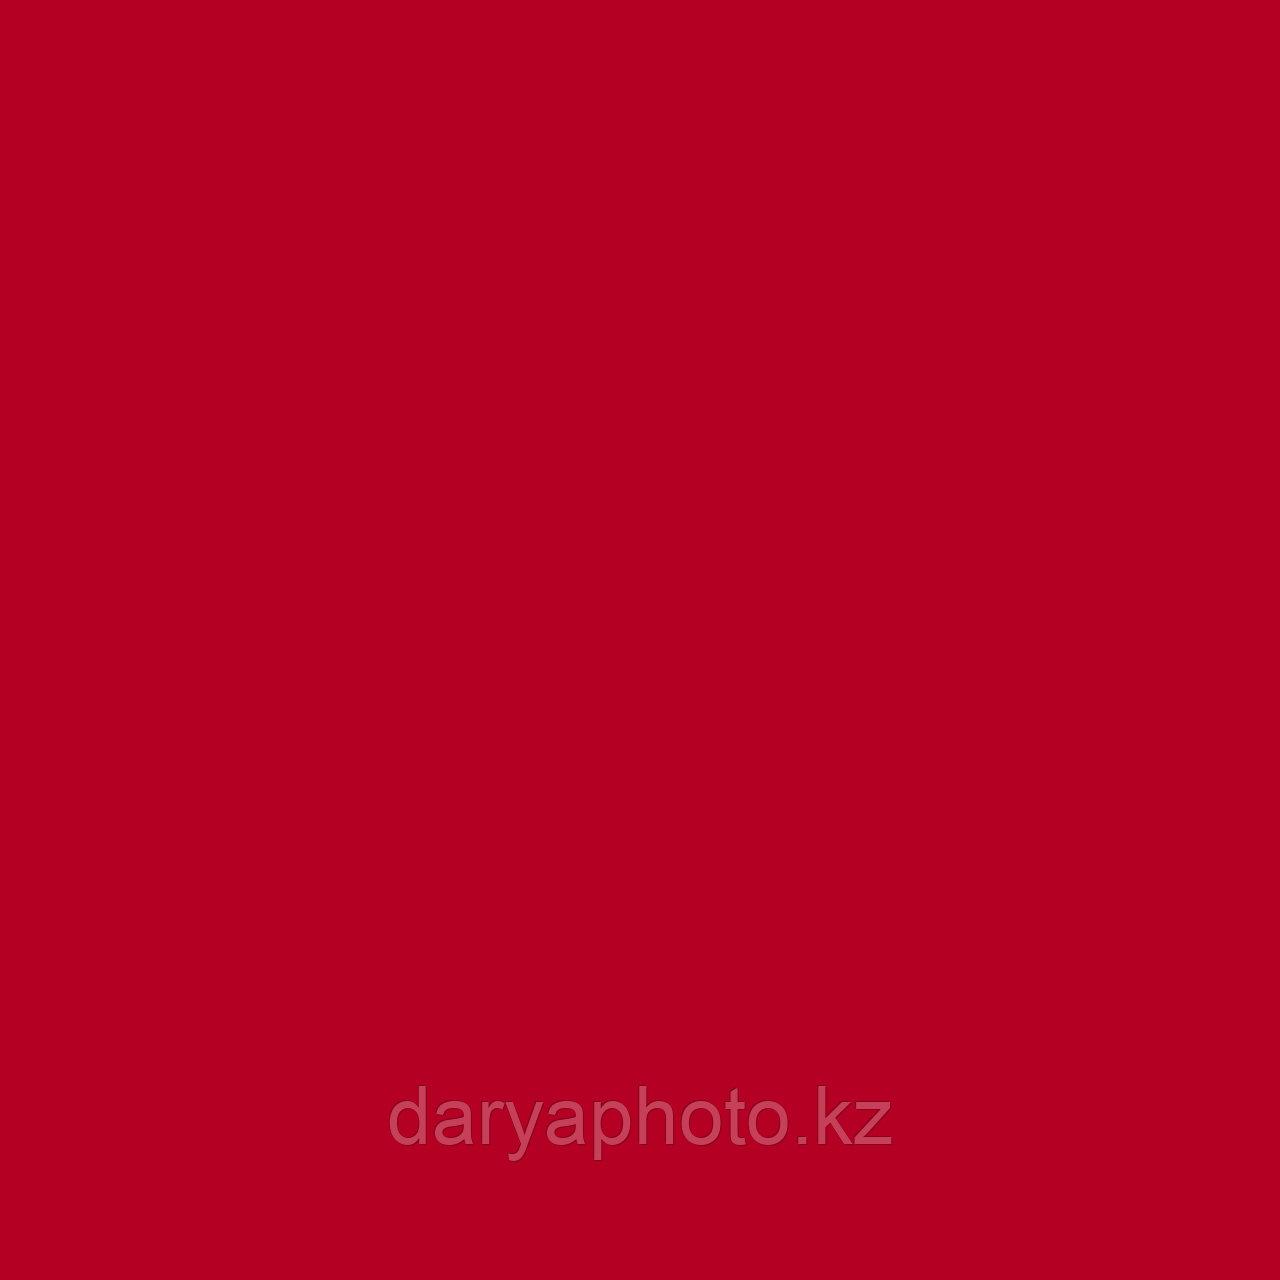 Красный Фон бумажный. Фотофон. Фон для фотостудии